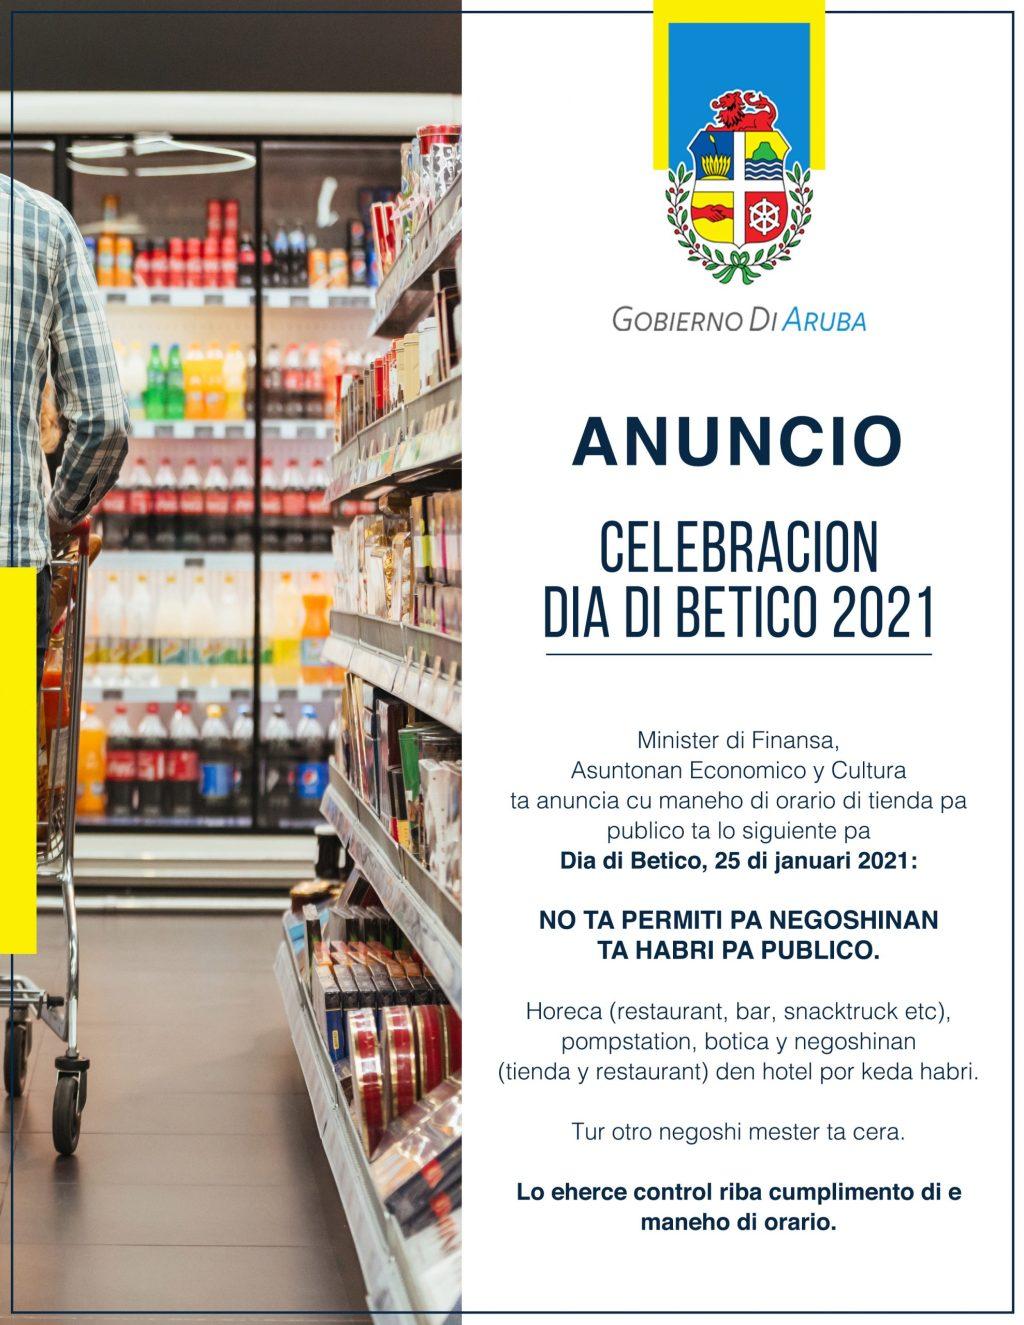 El comercio estará cerrado este 25 de enero en conexión al 'Día de Betico'